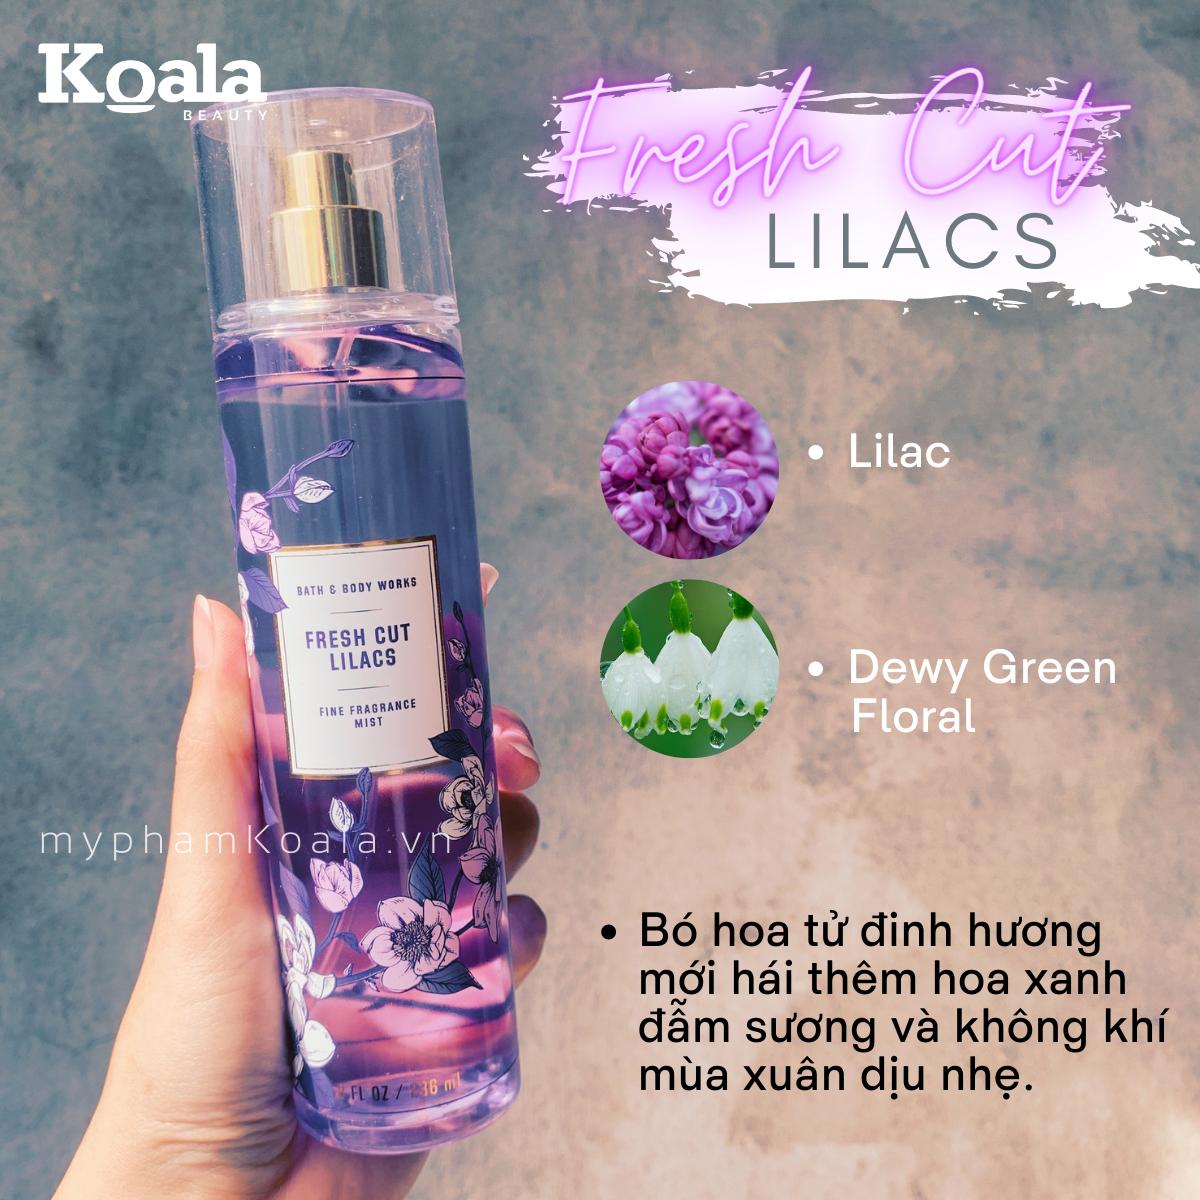 Xịt Body Bath & Body Works FRESH CUT LILACS Fine Fragrance Mist